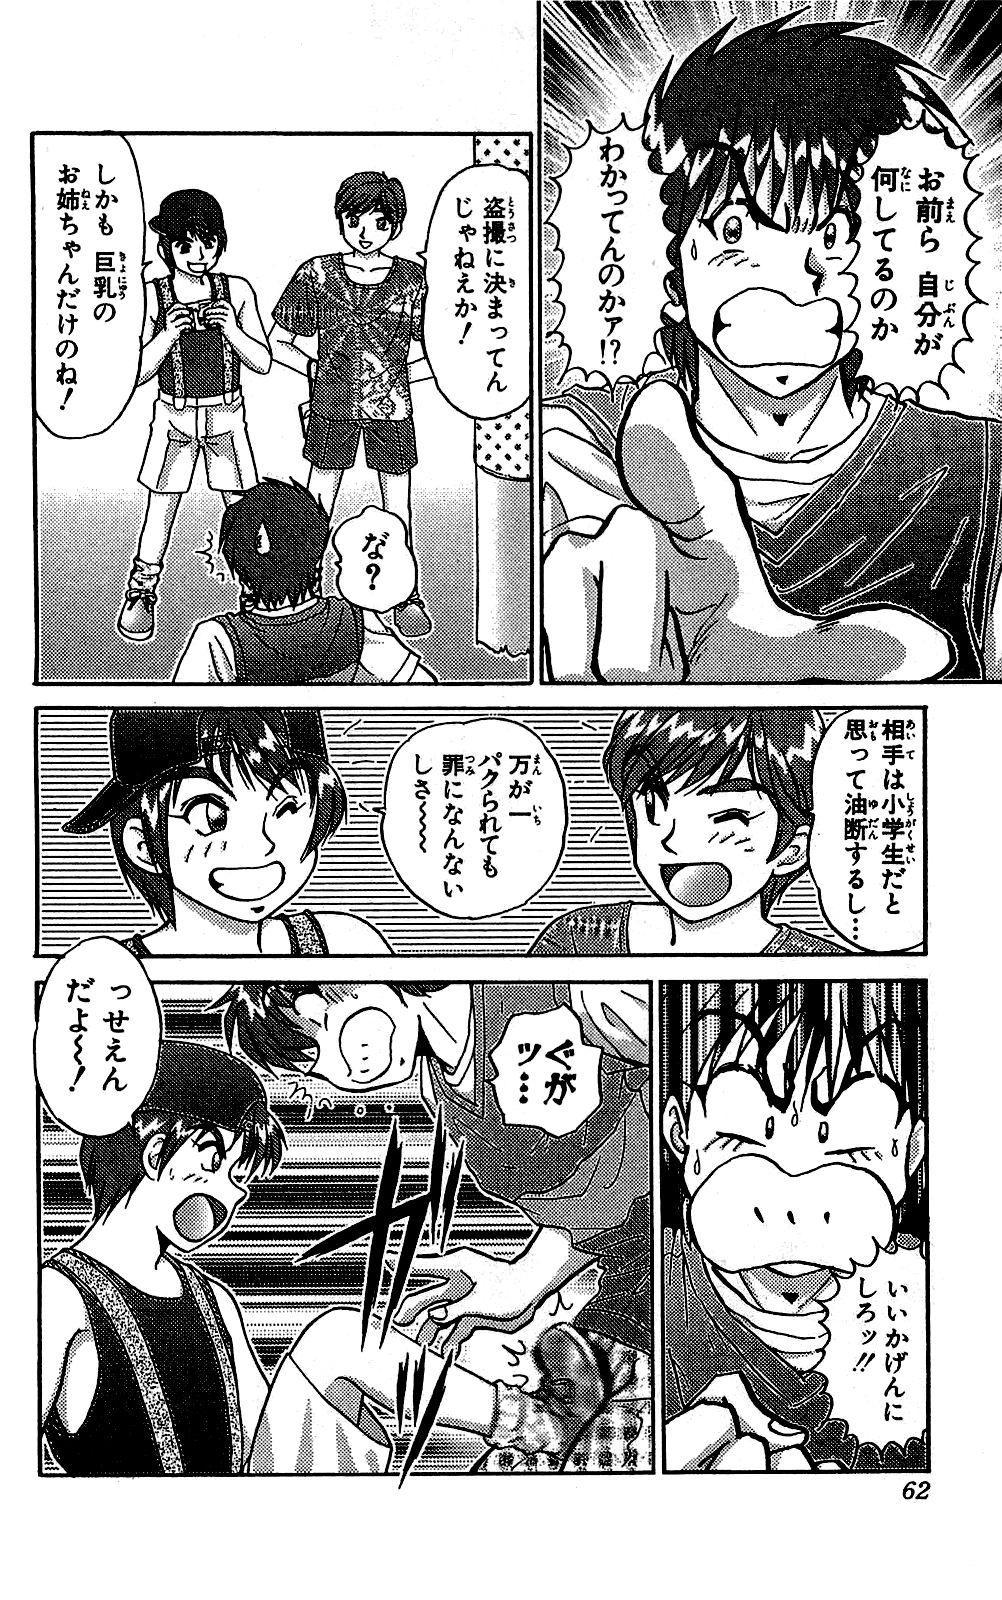 Miracle Make Yuuji 62